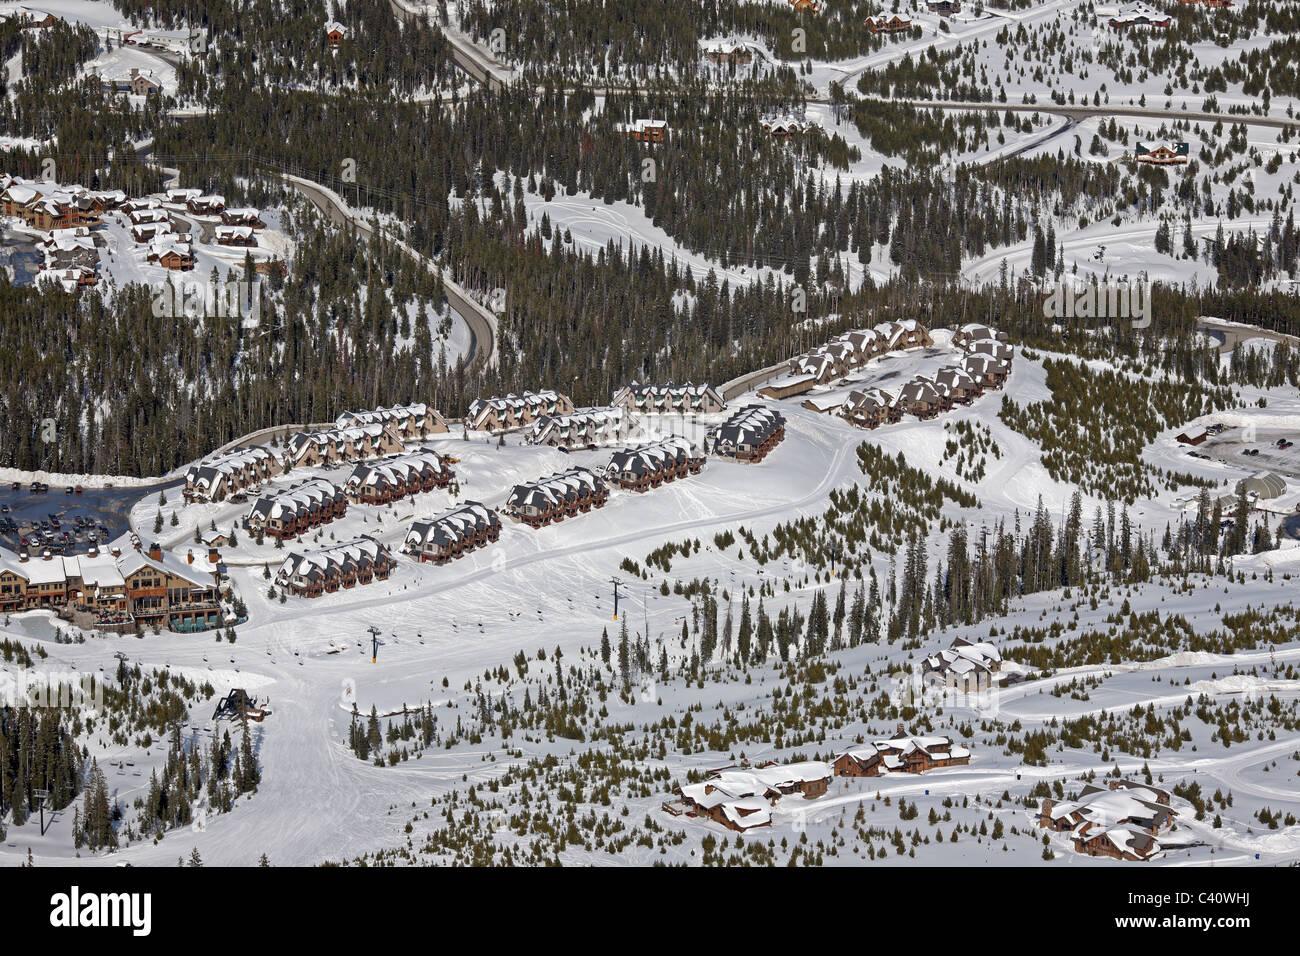 Chalets en el asentamiento de Big Sky. Montana, Estados Unidos, América del Norte Imagen De Stock